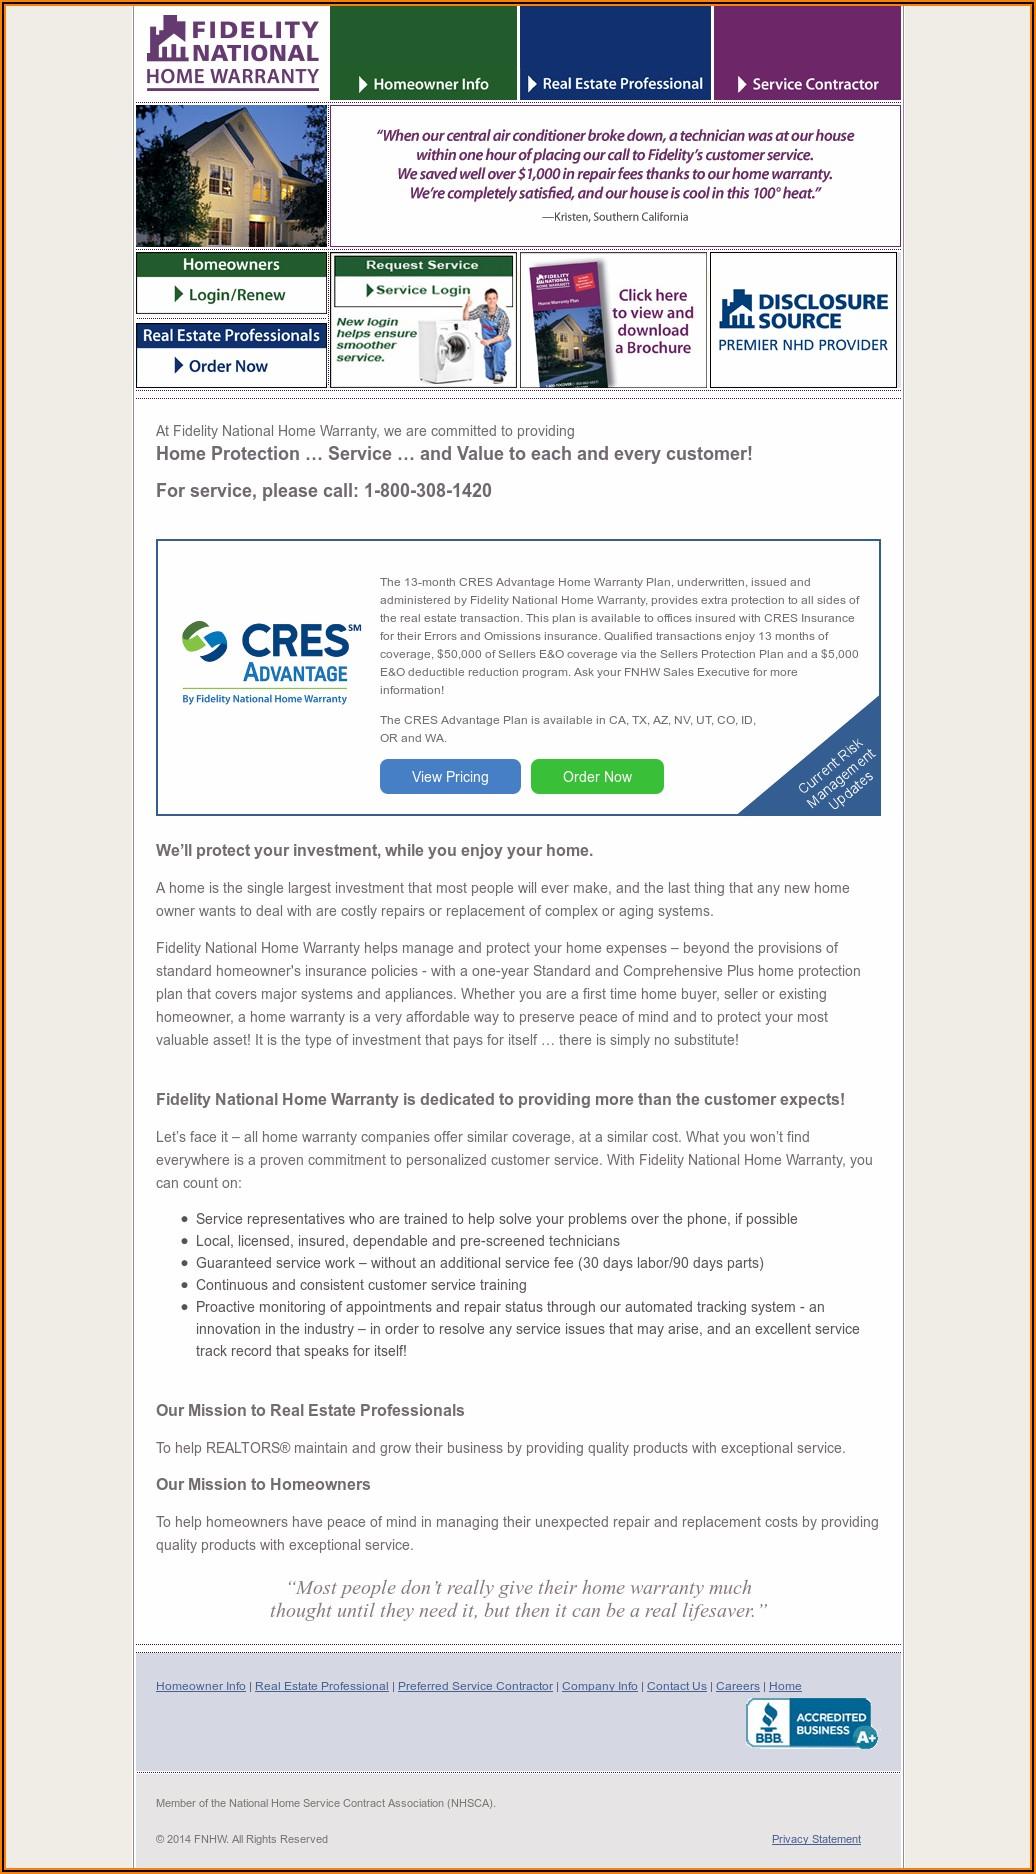 Fidelity National Home Warranty Plan Brochure